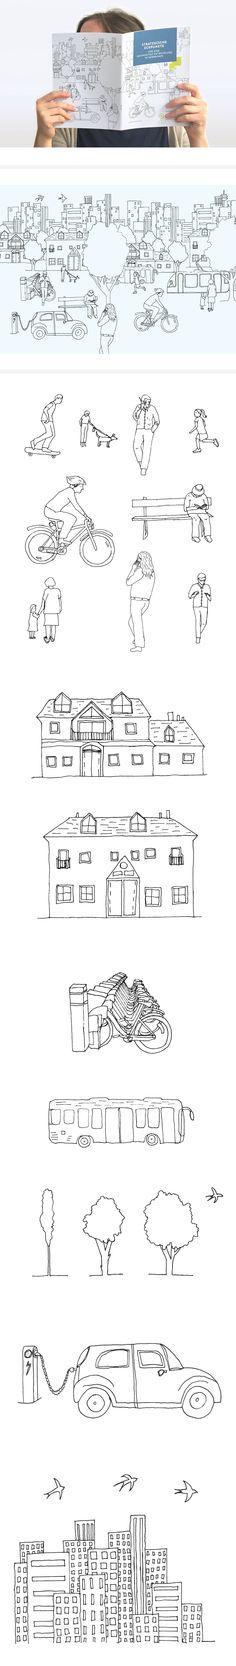 Nachhaltige Entwicklung in Kommunen – ein Strategiepapier zur Stadt der Zukunft #illustration #sustainable #city #urban Editorial Design, Grafik Design, Sustainability, Russia, Sheet Music, Sayings, Illustration, Sustainable Development, Landscape Maintenance